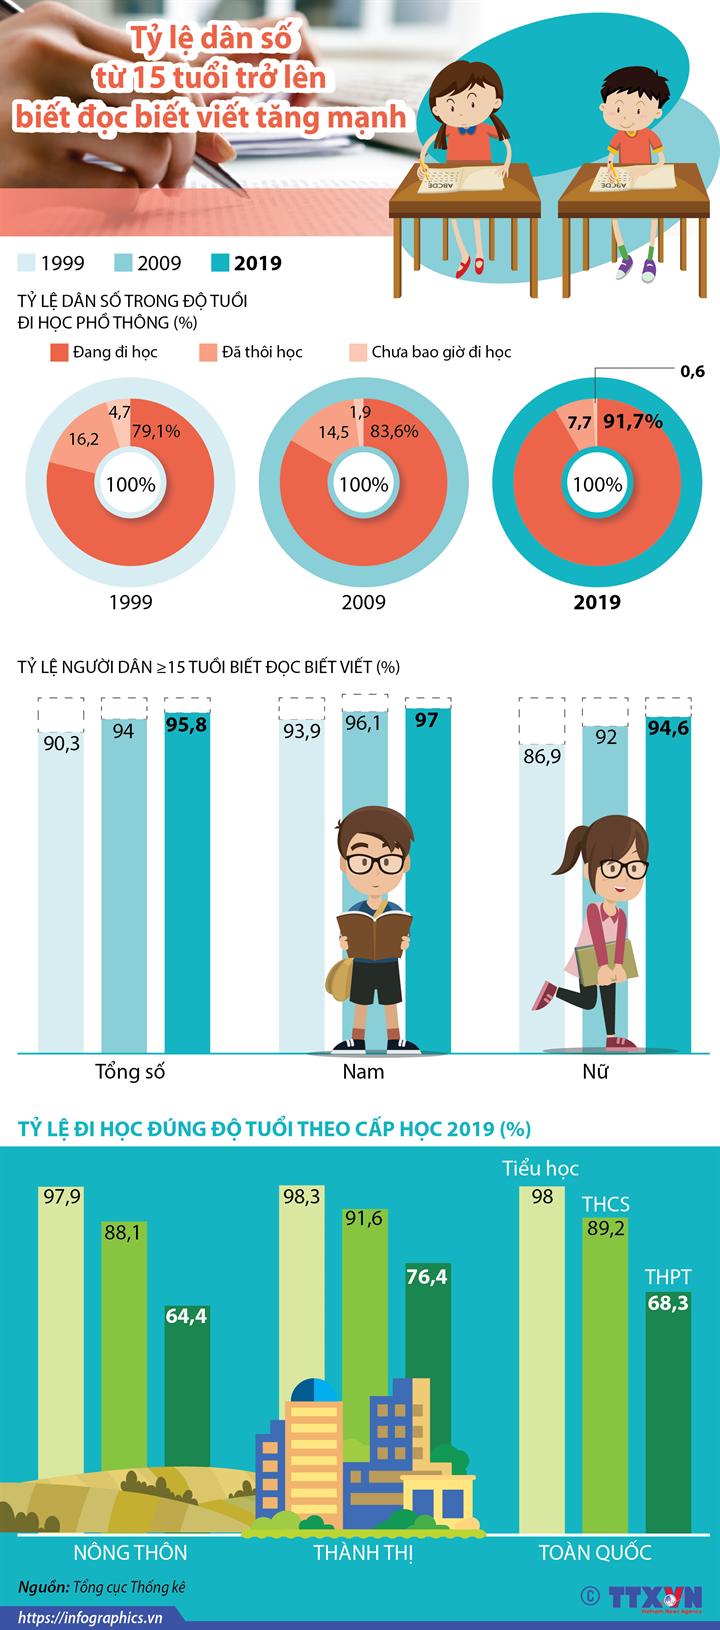 Tỷ lệ dân số từ 15 tuổi trở lên biết đọc biết viết tăng mạnh